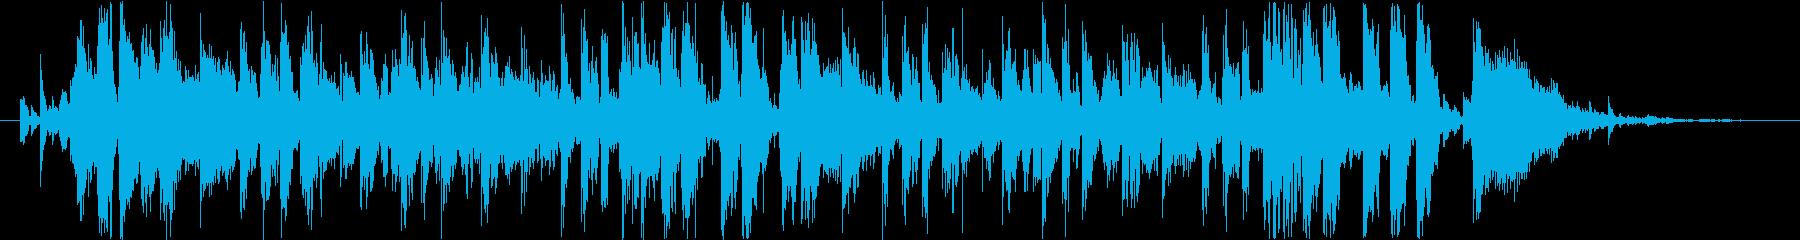 渋谷系のキュートな動画向きジングルの再生済みの波形